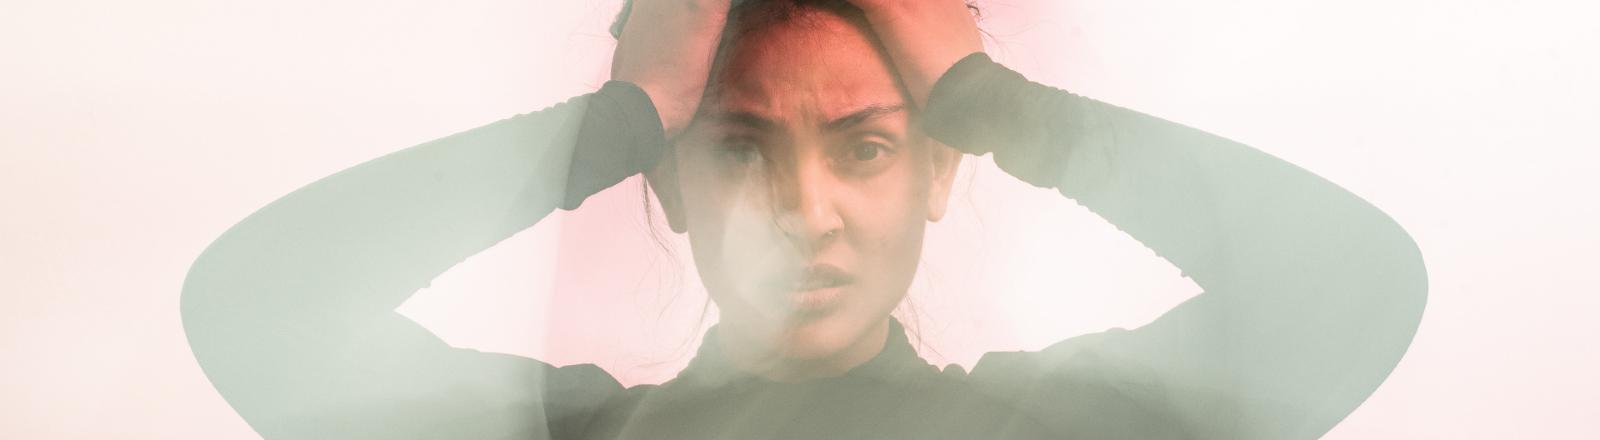 Eine junge Frau hält sich die Hände an den Kopf und blickt verzweifelt